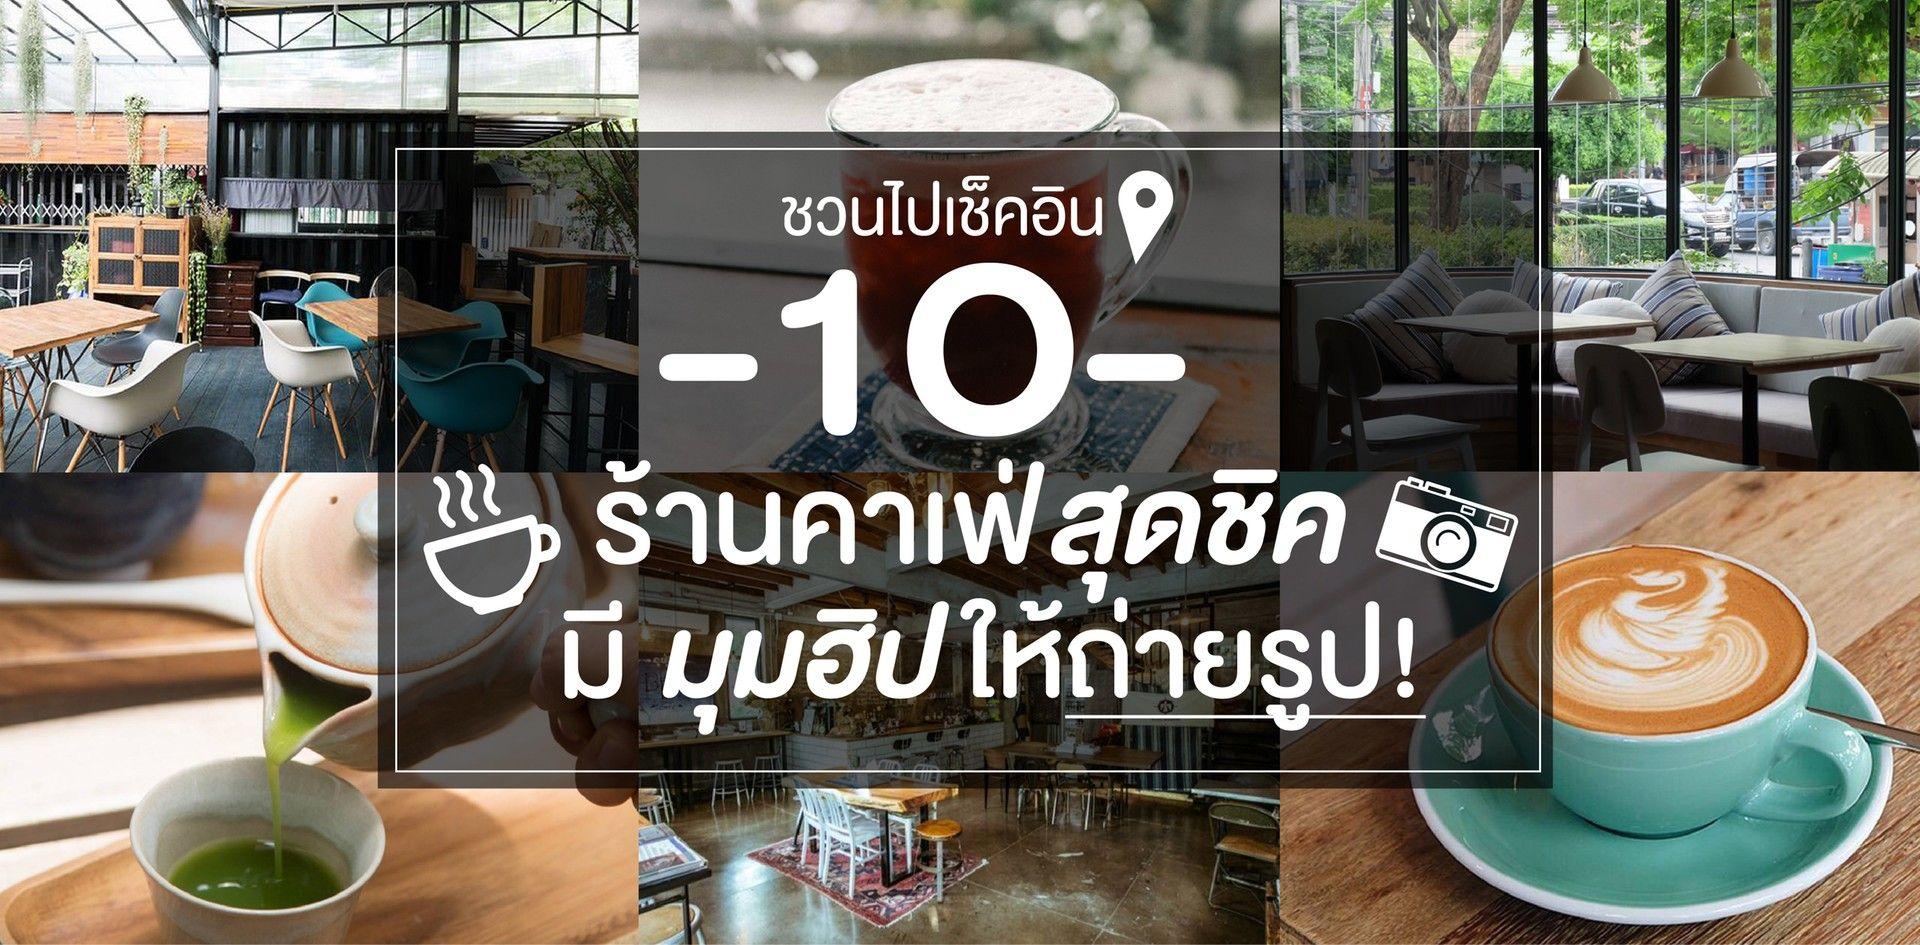 Never Surrender Thailand_ชวนไปเช็คอิน 10 ร้านคาเฟ่สุดชิค มีมุมฮิปให้ถ่ายรูป!